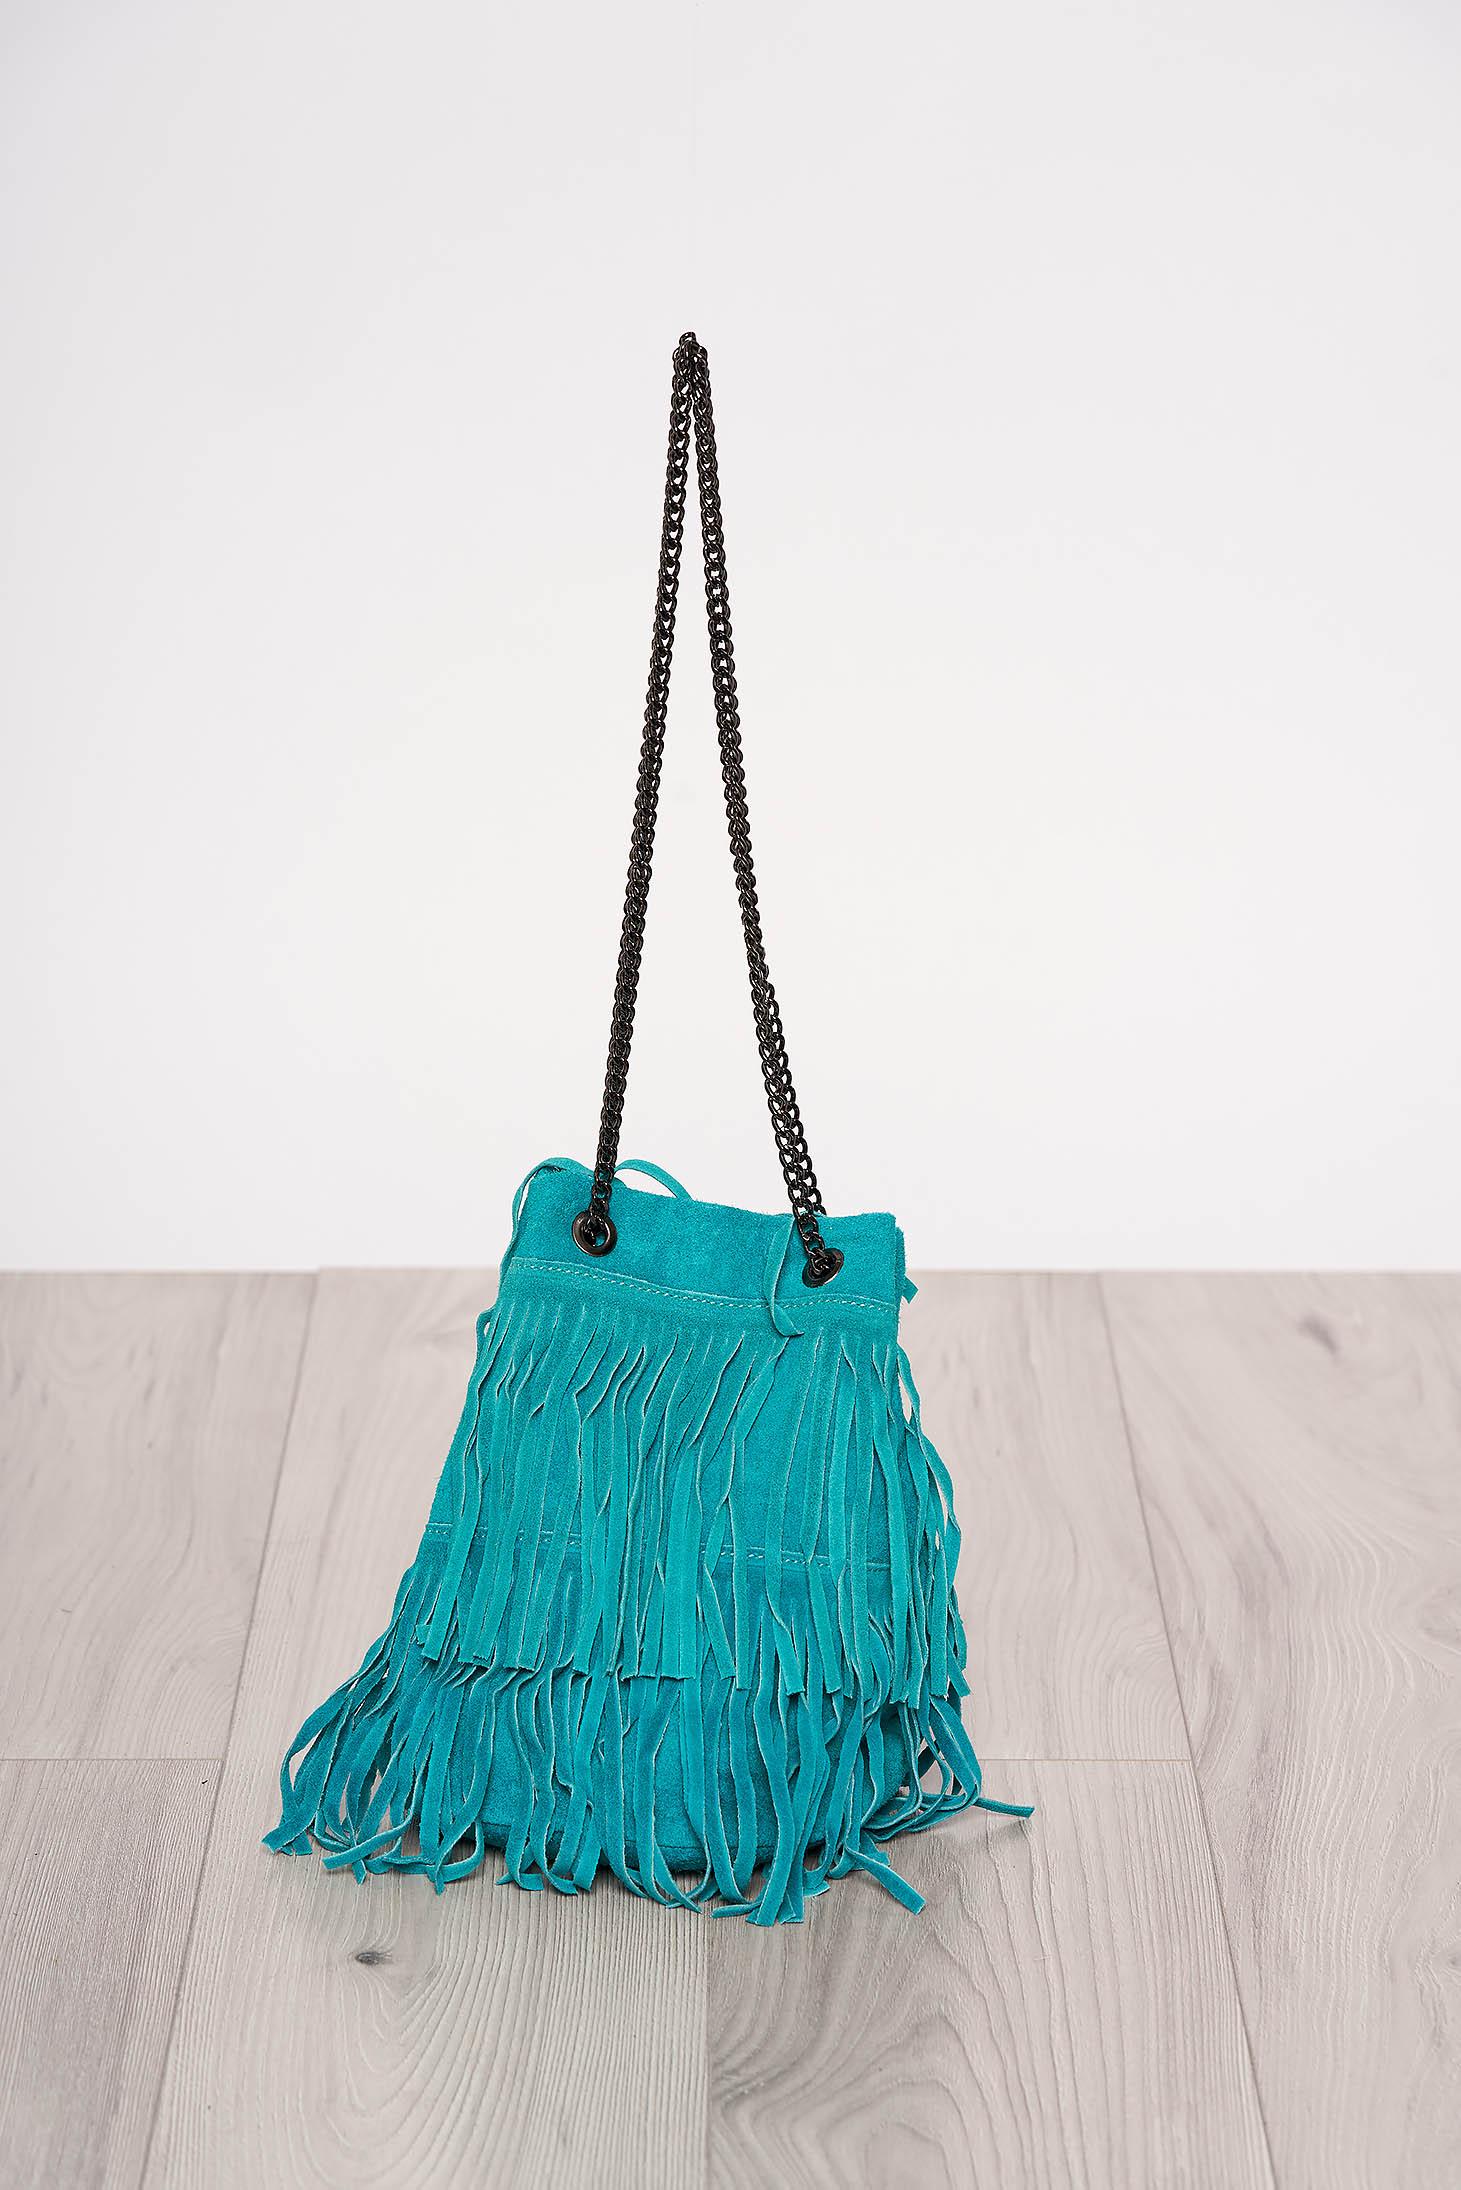 Türkiz rojtos casual táska hosszú, lánc jellegű akasztóval